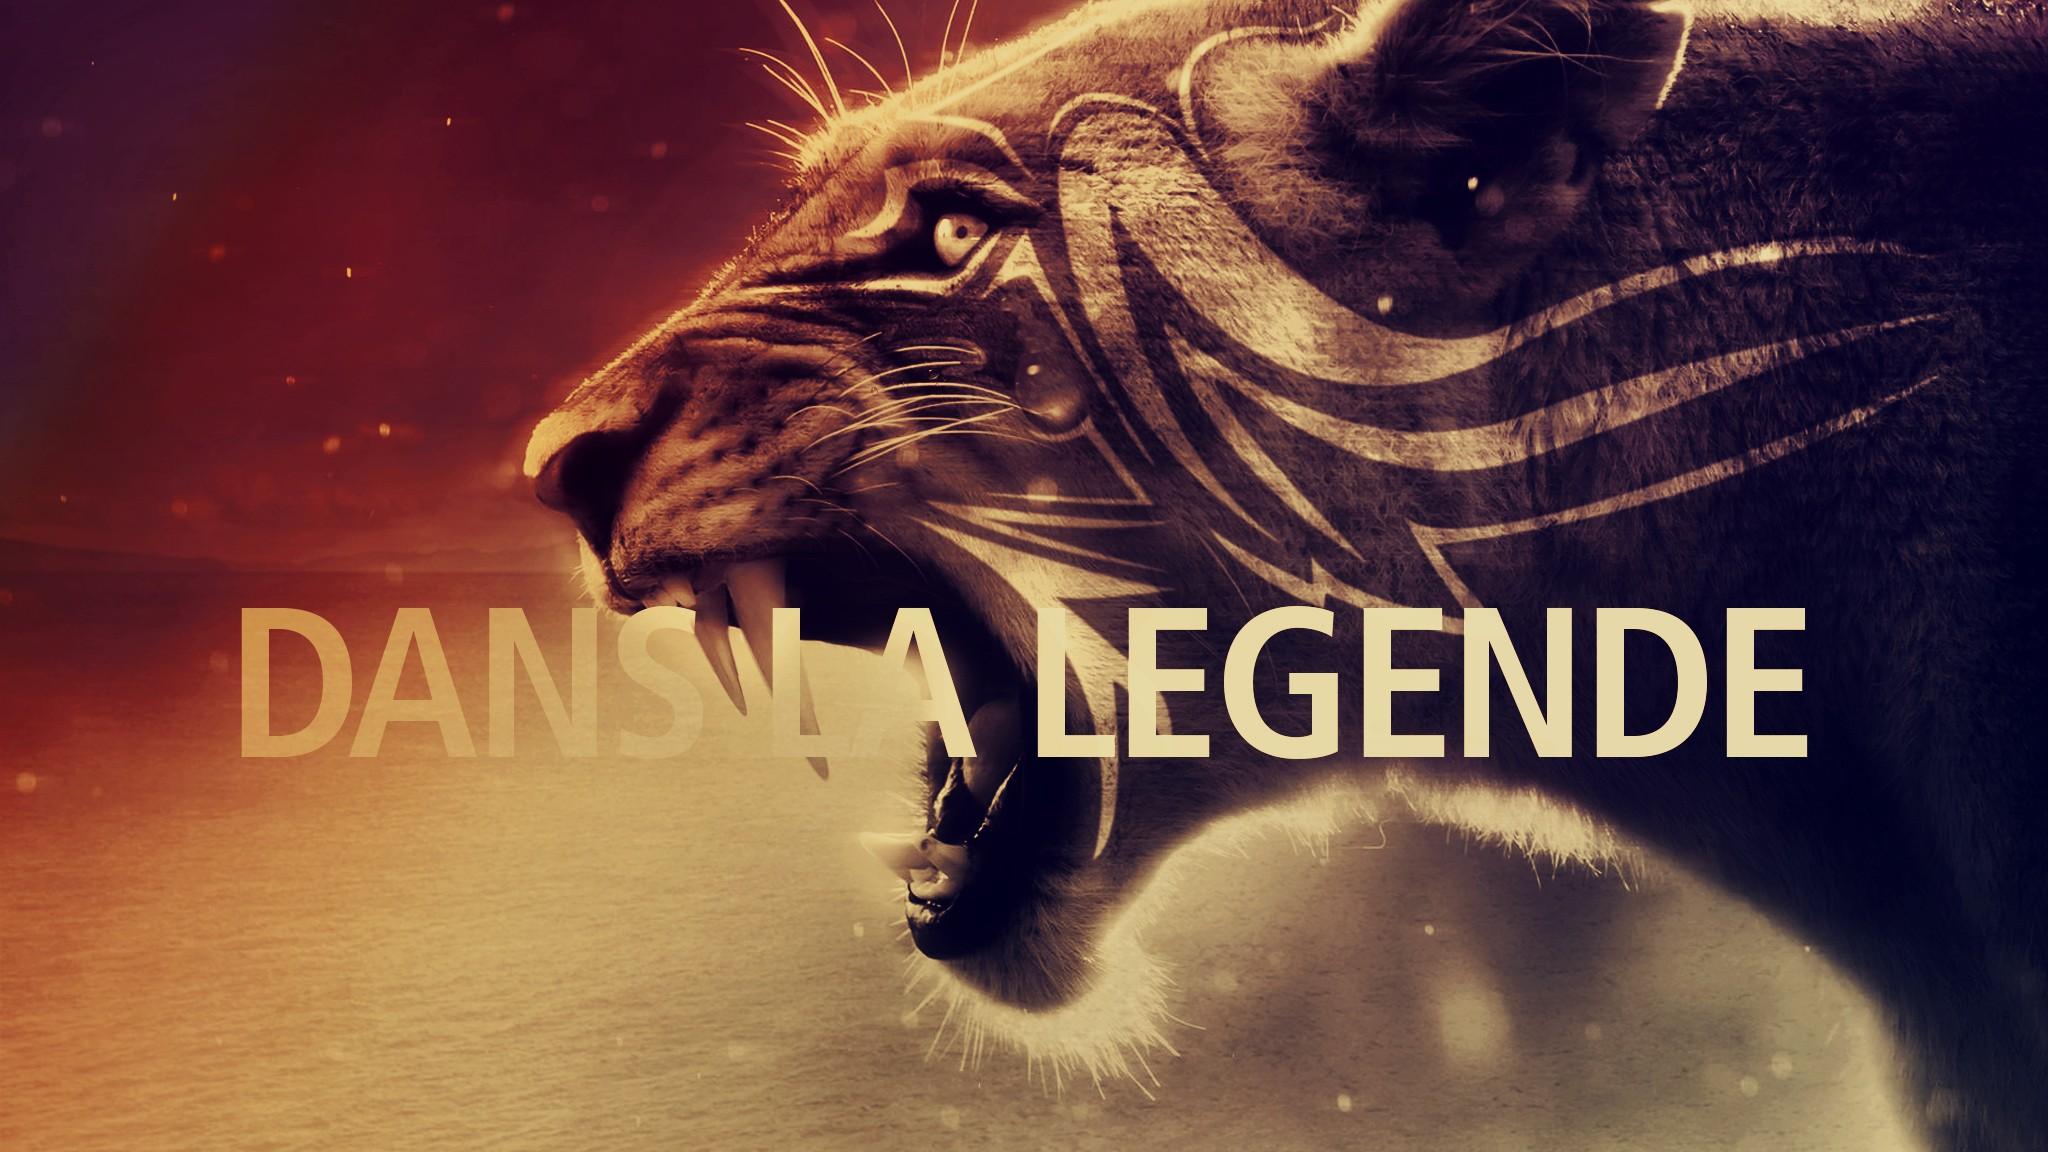 Fondos De Pantalla 2048x1152 Px Animales León Tigre